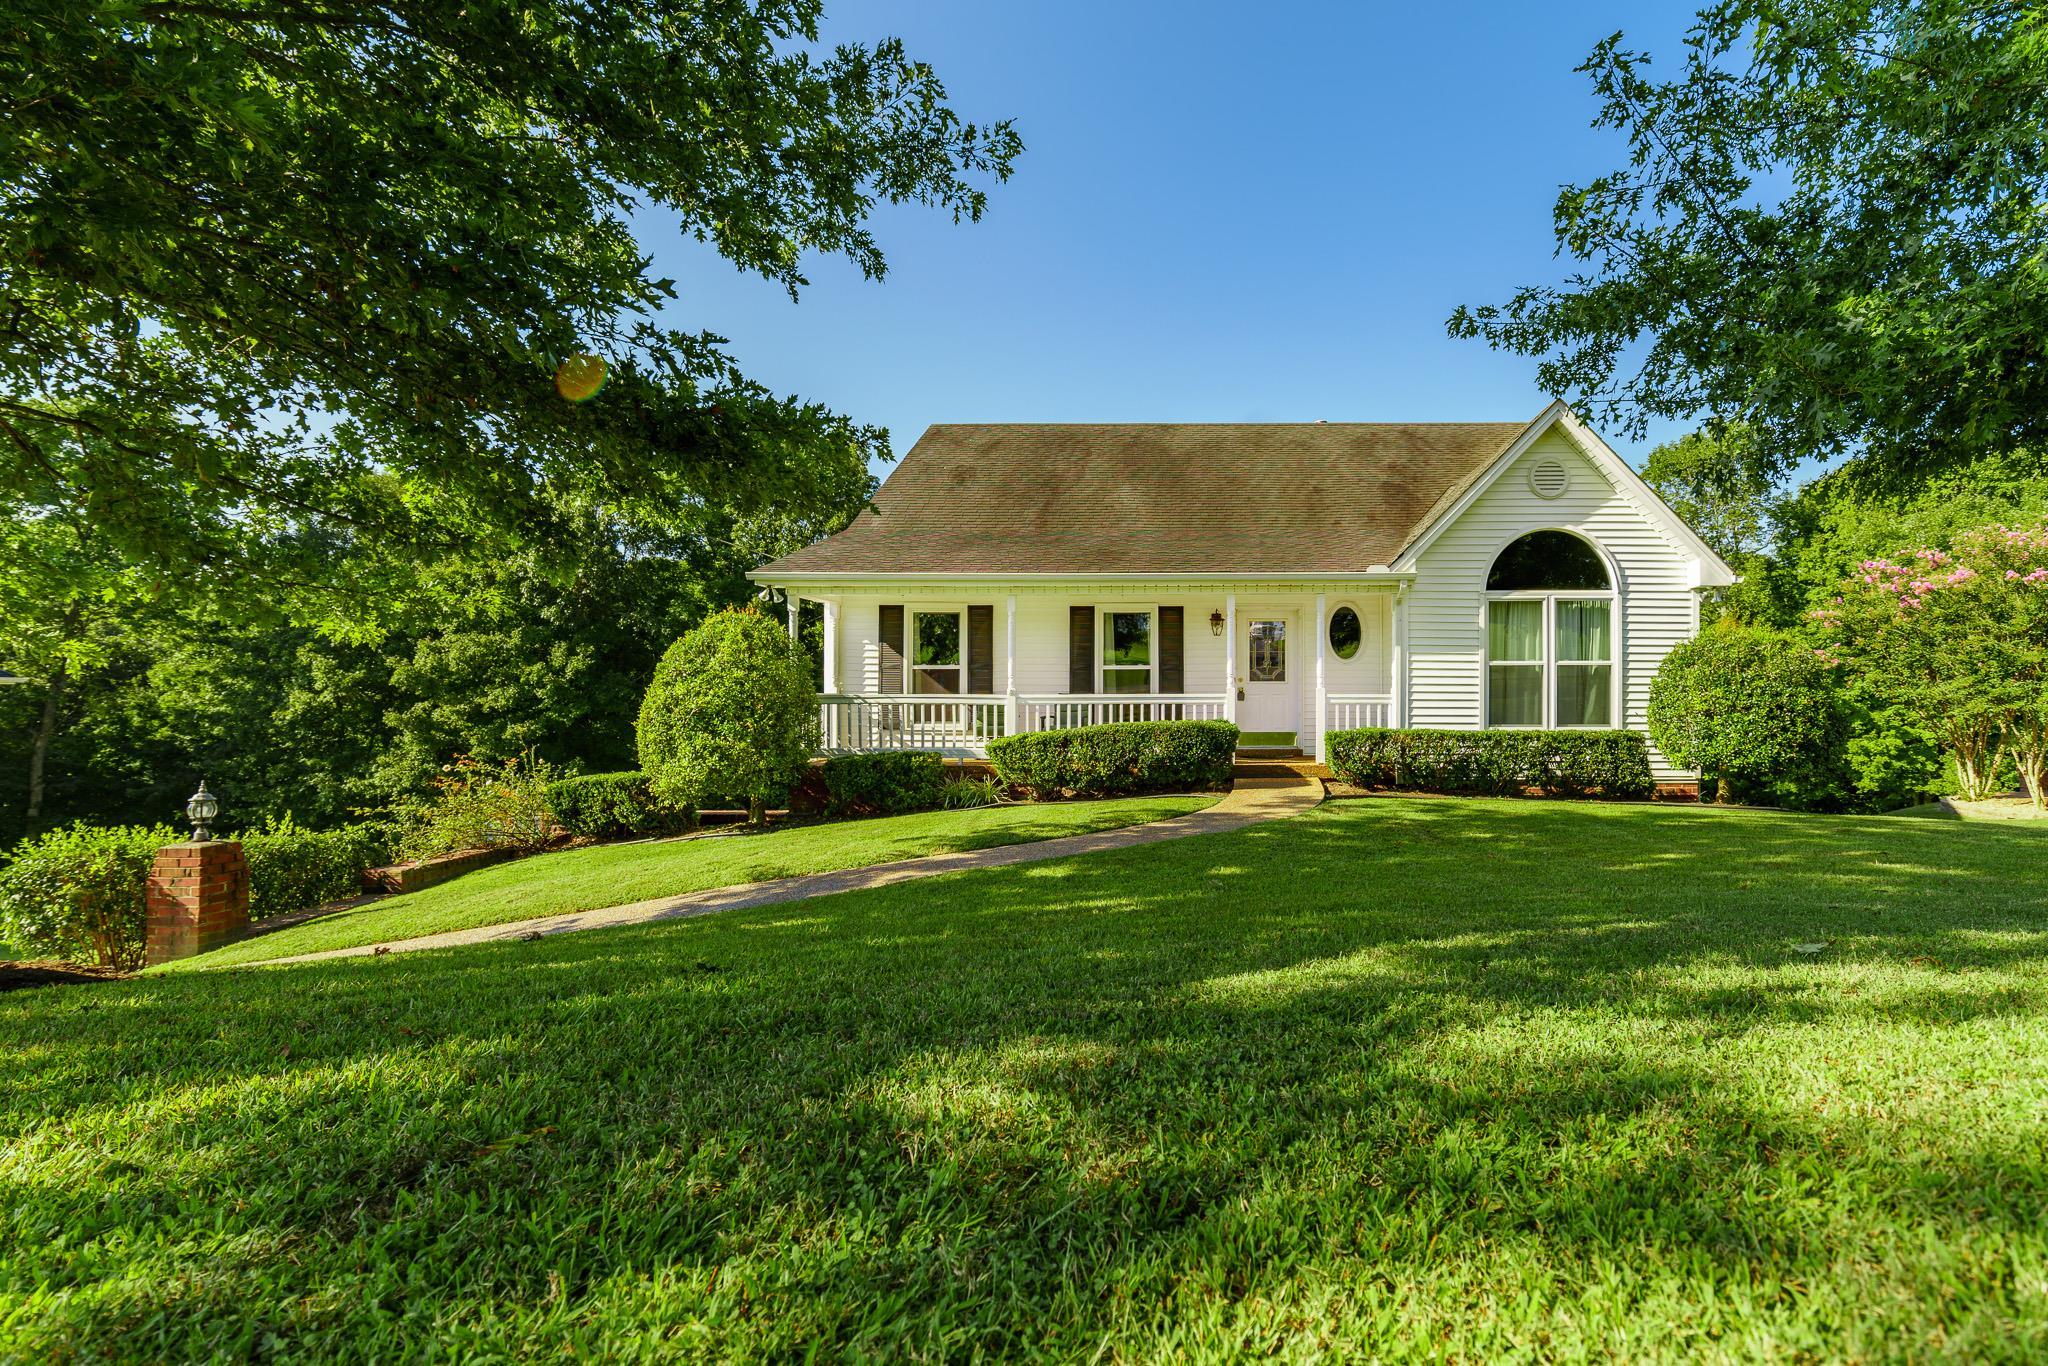 2024 Copper Kettle Cir, Pleasant View, TN 37146